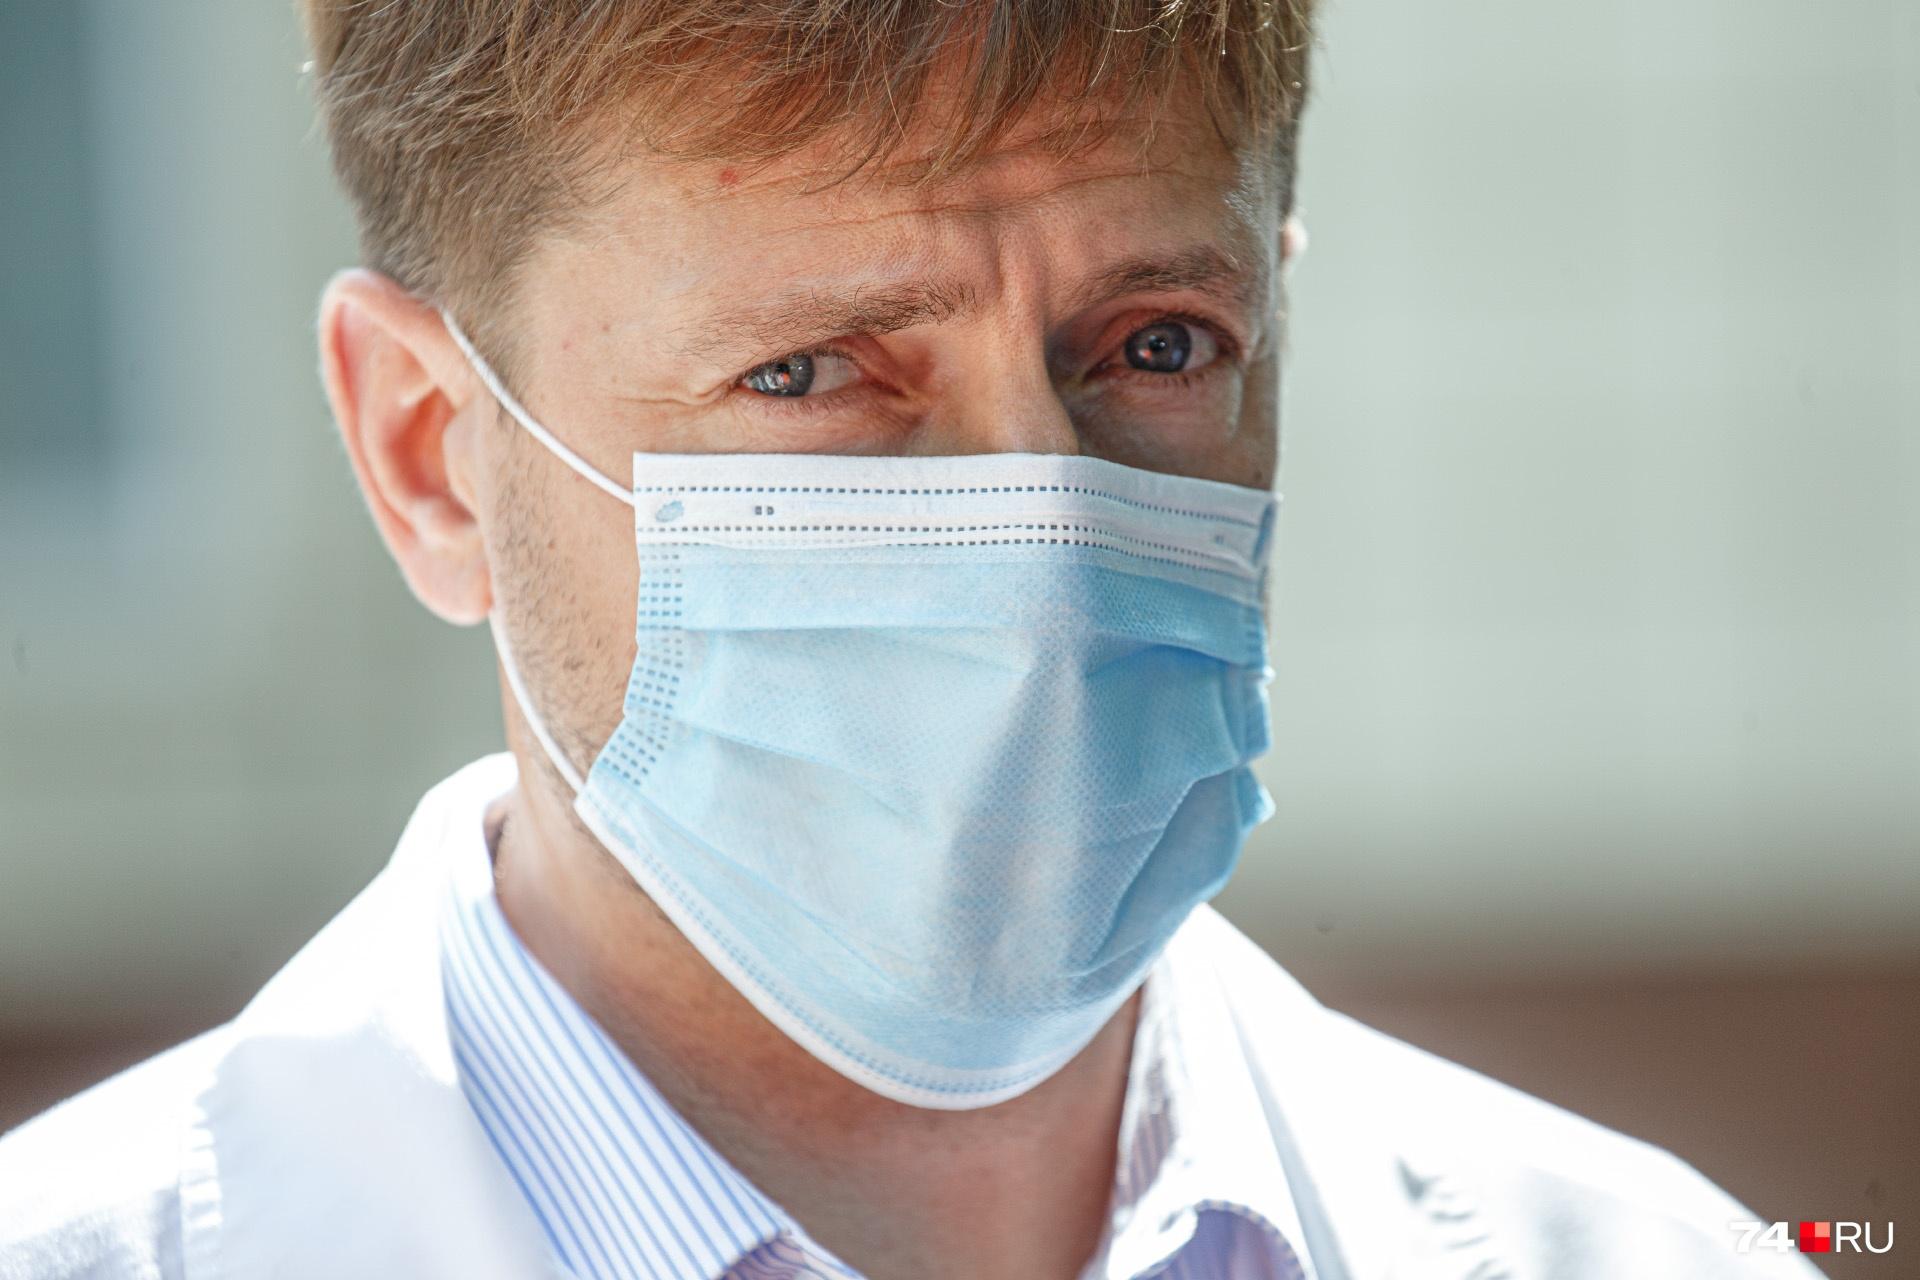 Министр здравоохранения надеется, что вскоре заболеваемость COVID-19 в регионе пойдёт на спад